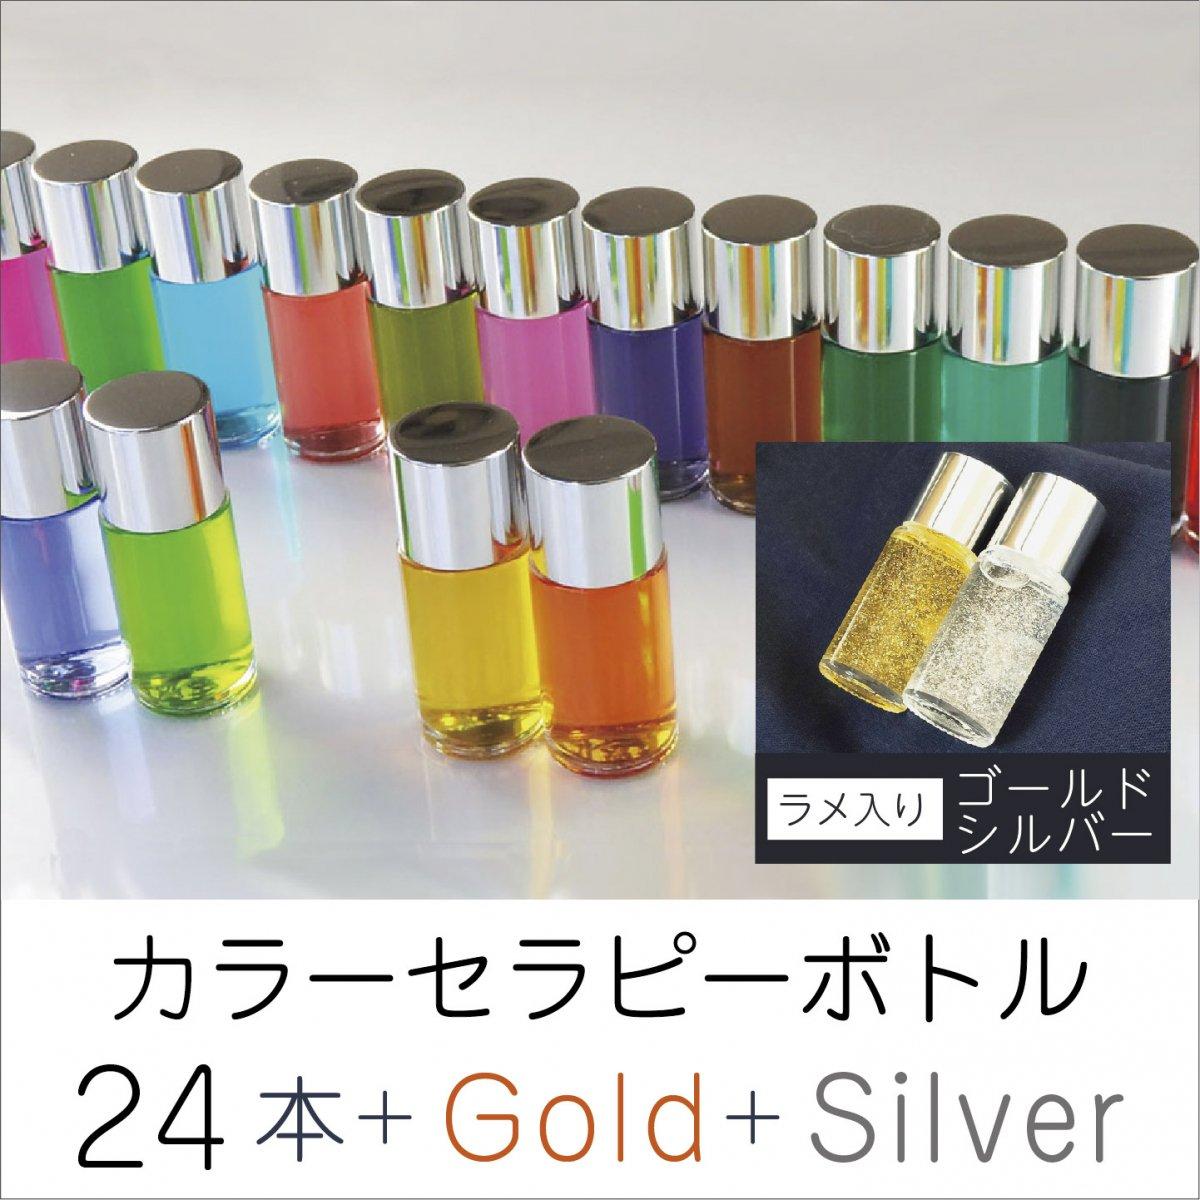 色水ボトル24色セット+Gold+Silver